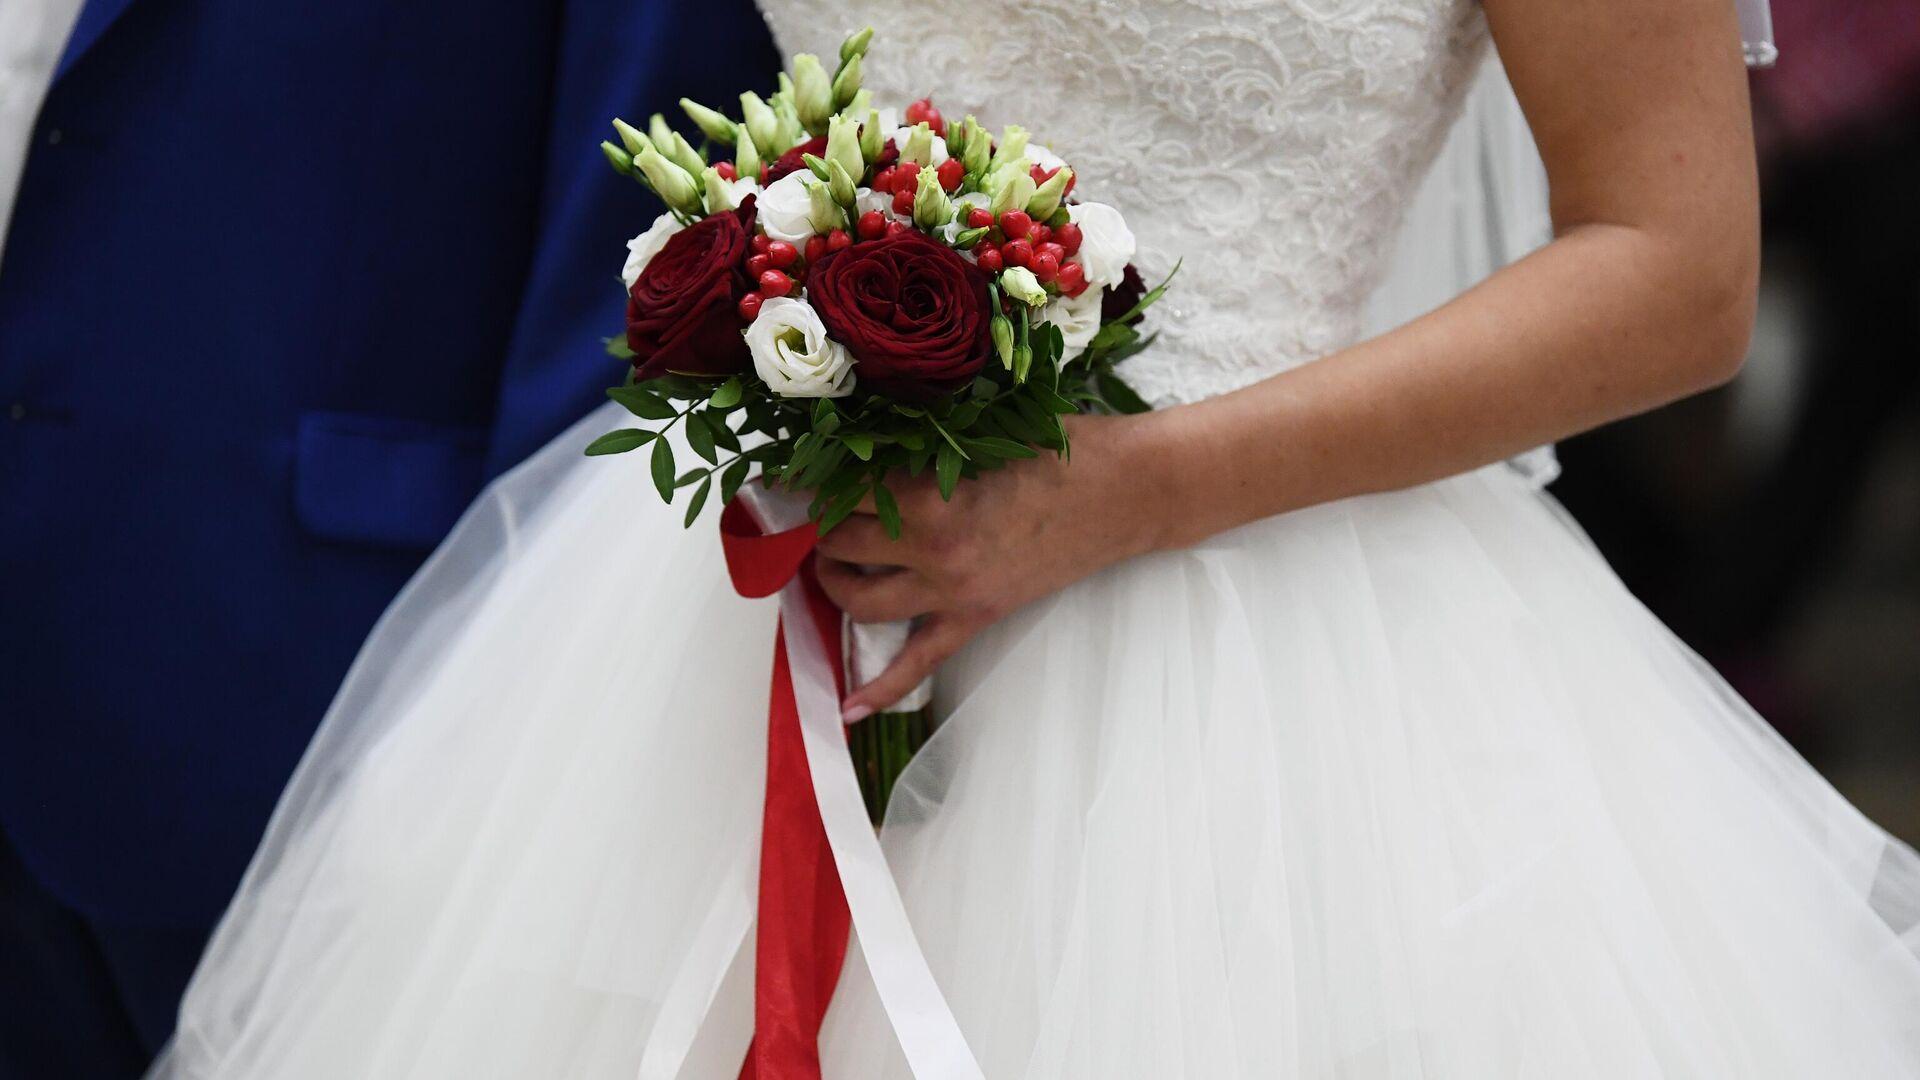 Букет в руках невесты на свадьбе в Шипиловский ЗАГСе - РИА Новости, 1920, 01.12.2020